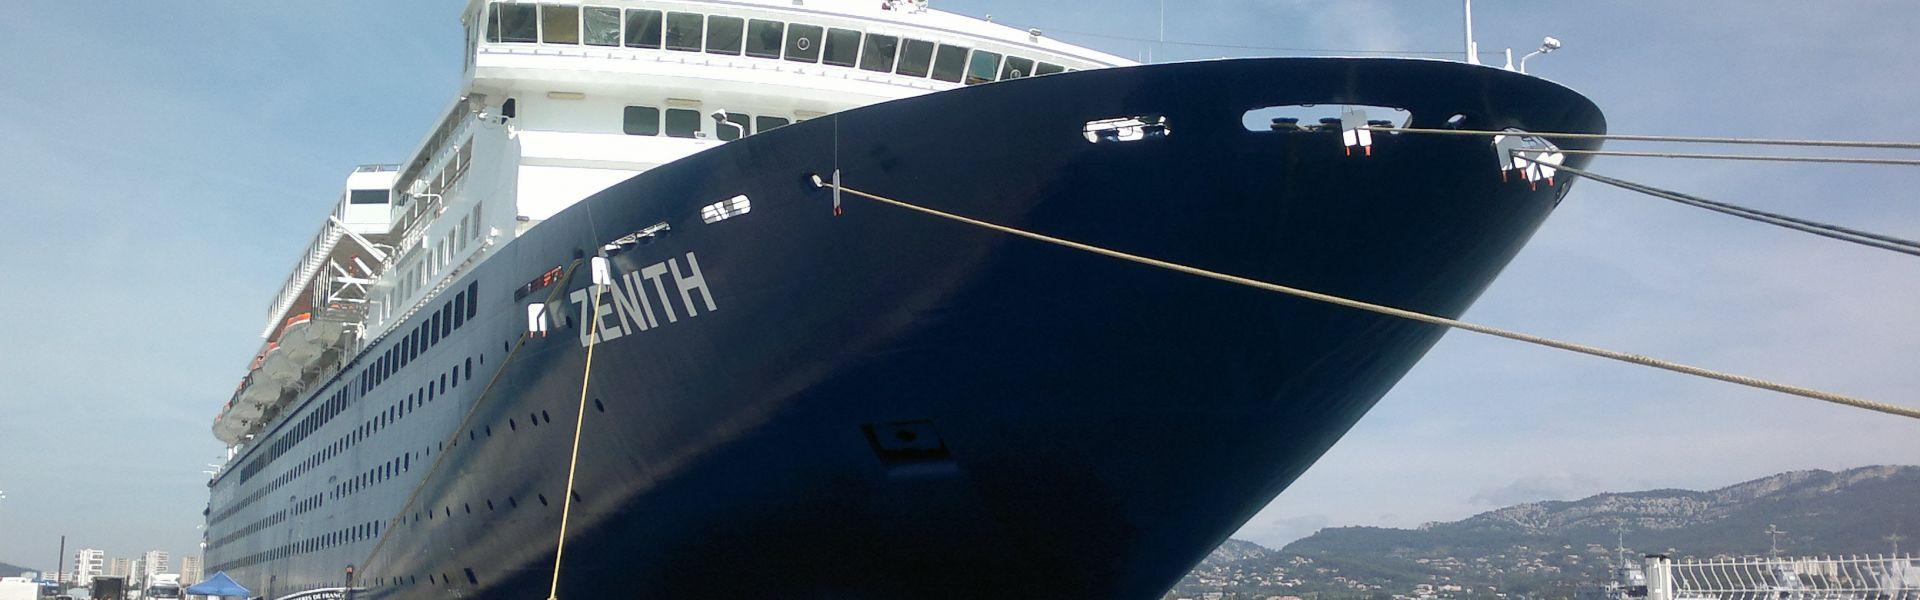 Croaziera 2017 - Antilele Olandeze si Caraibele de Sud (Curacao) - Pullmantur Cruises - Zenith - 7 nopti